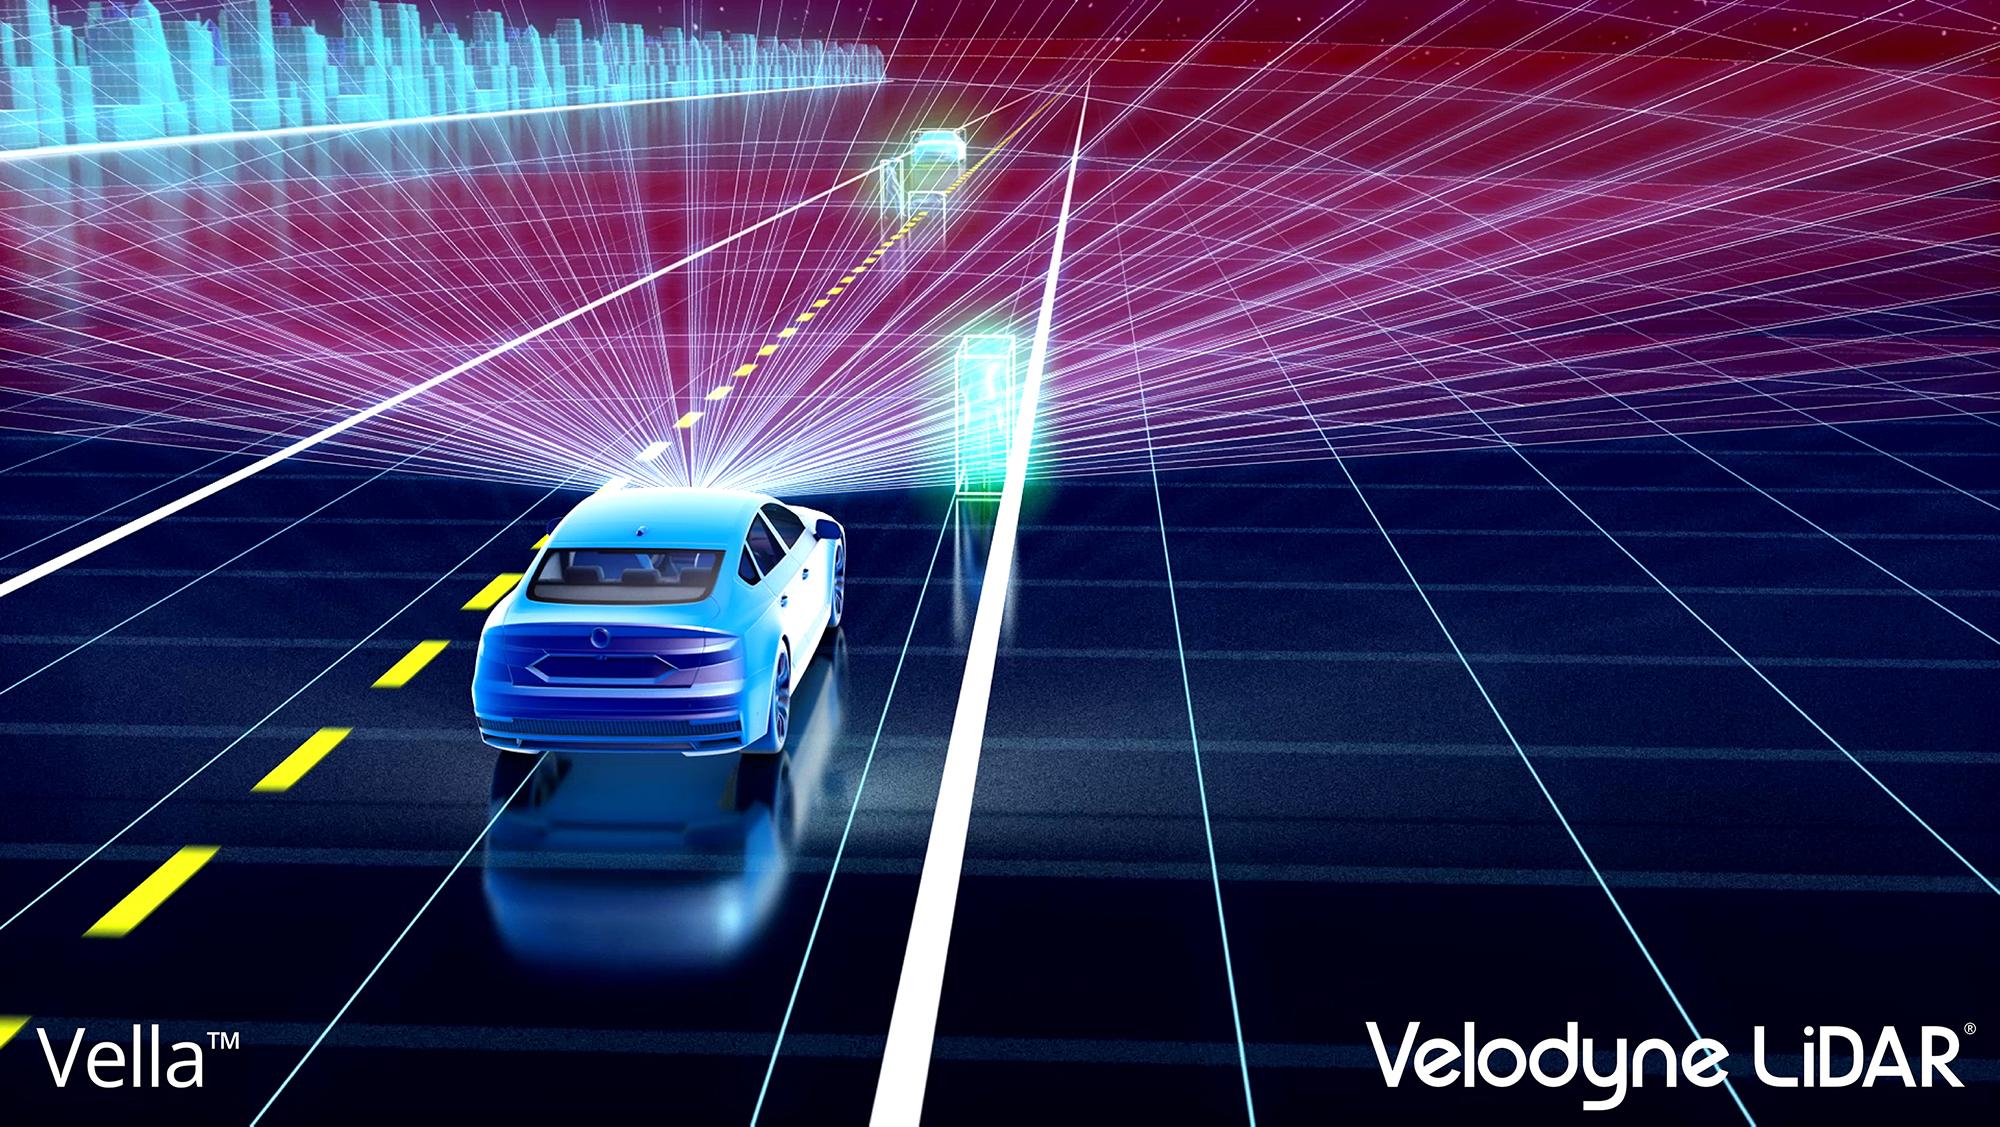 Velodyne Lidar to Present Breakthrough Technology for